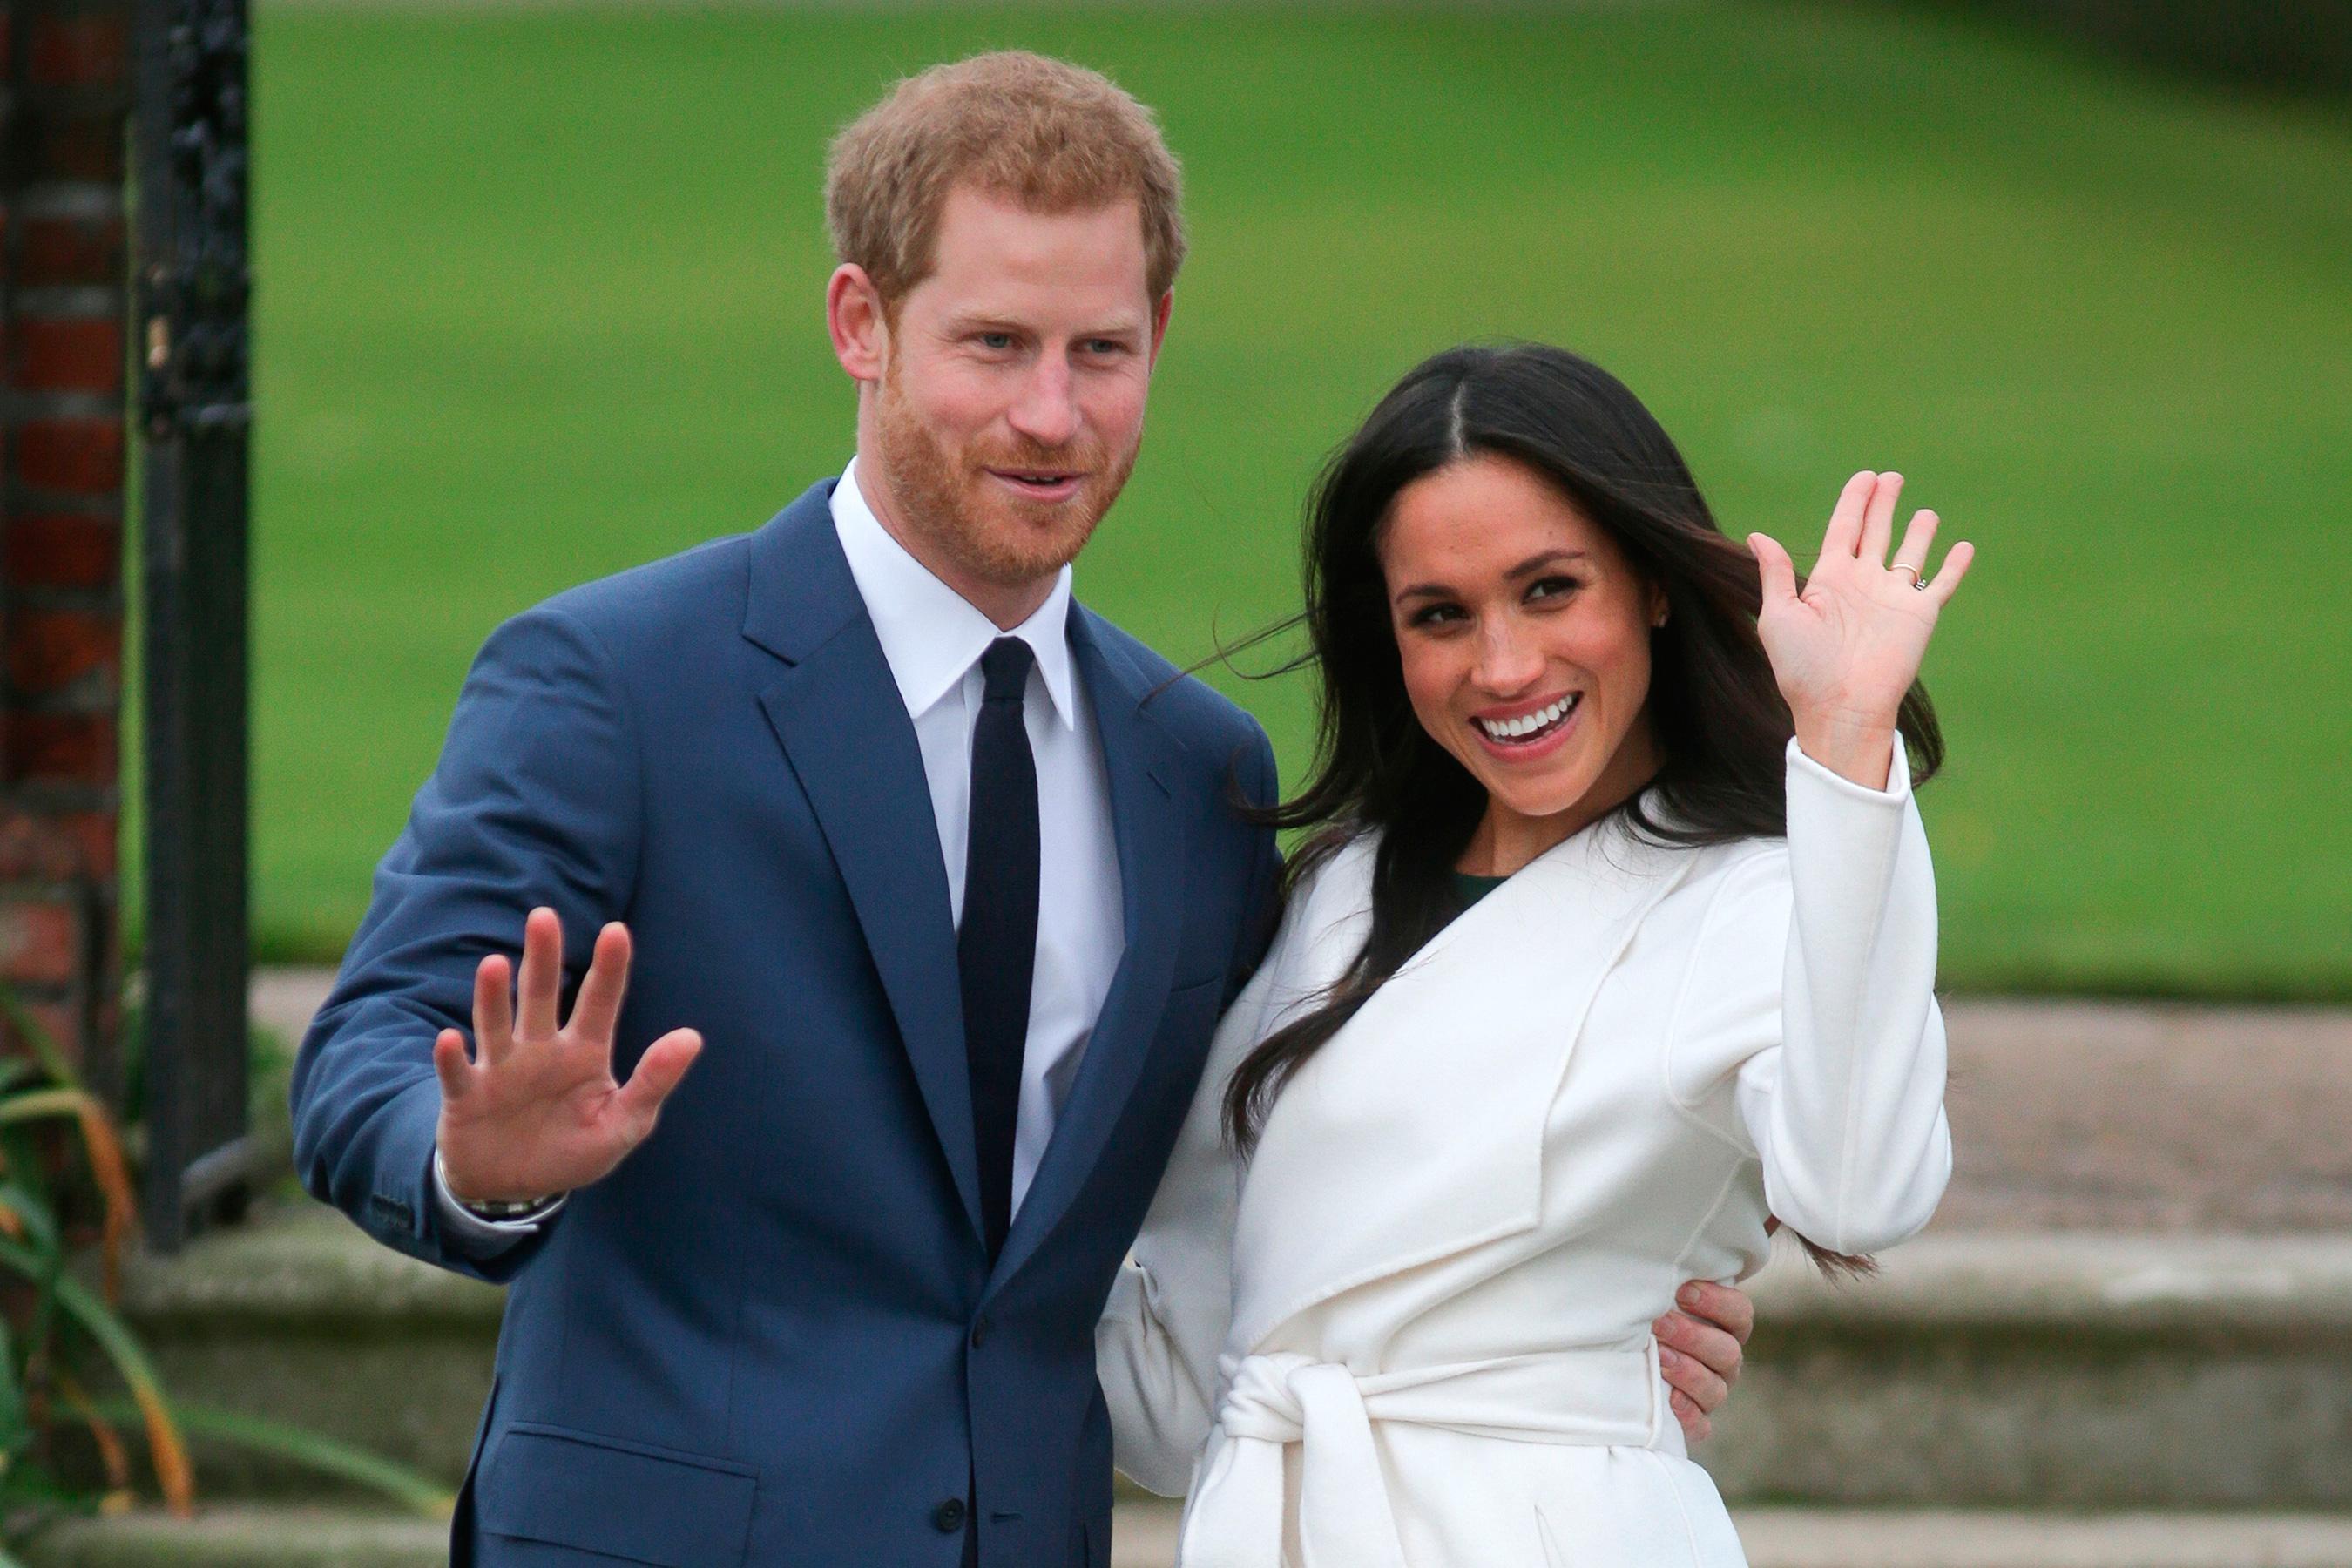 Mariage princier à Windsor  19 mai 2018